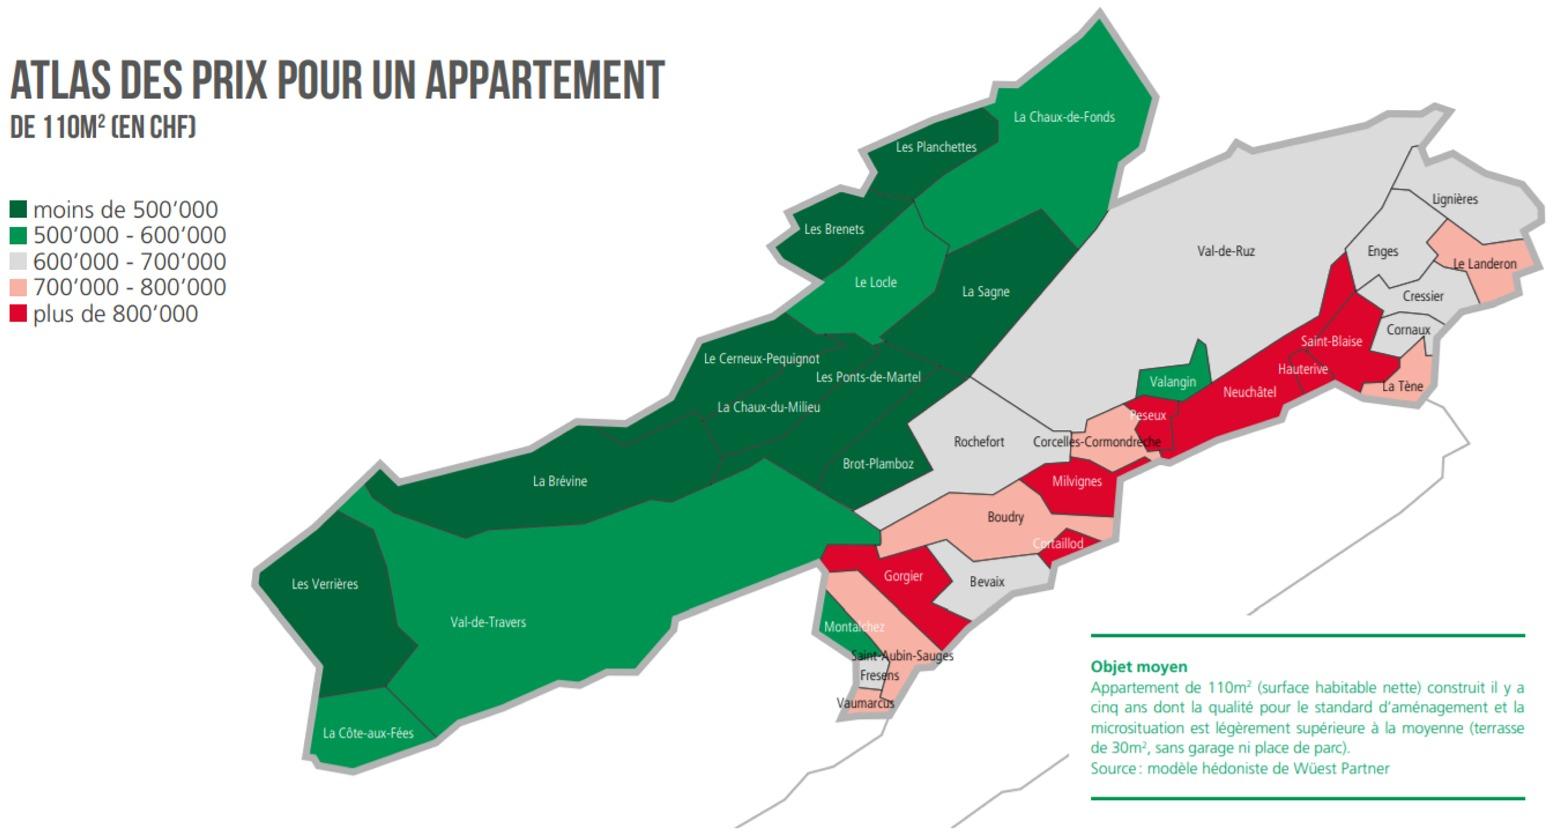 evolution des prix au m2 appartement ppe neuchatel 2020